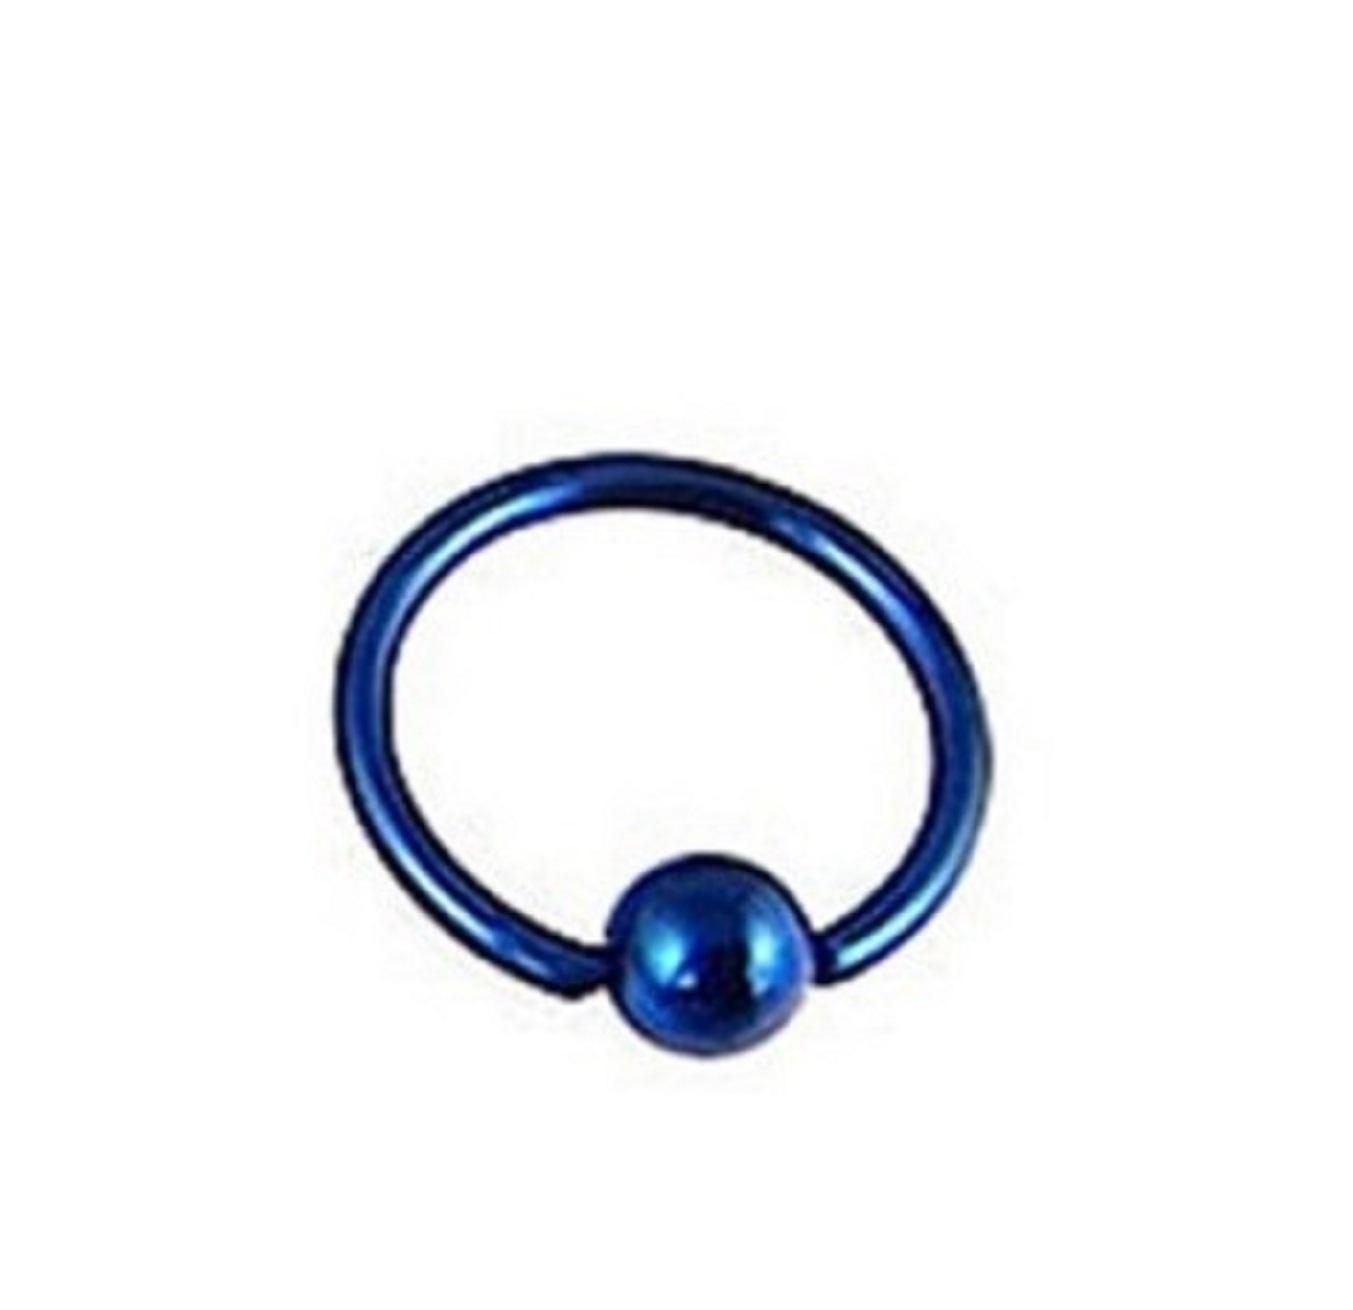 Малка синя обеца - халка с топче